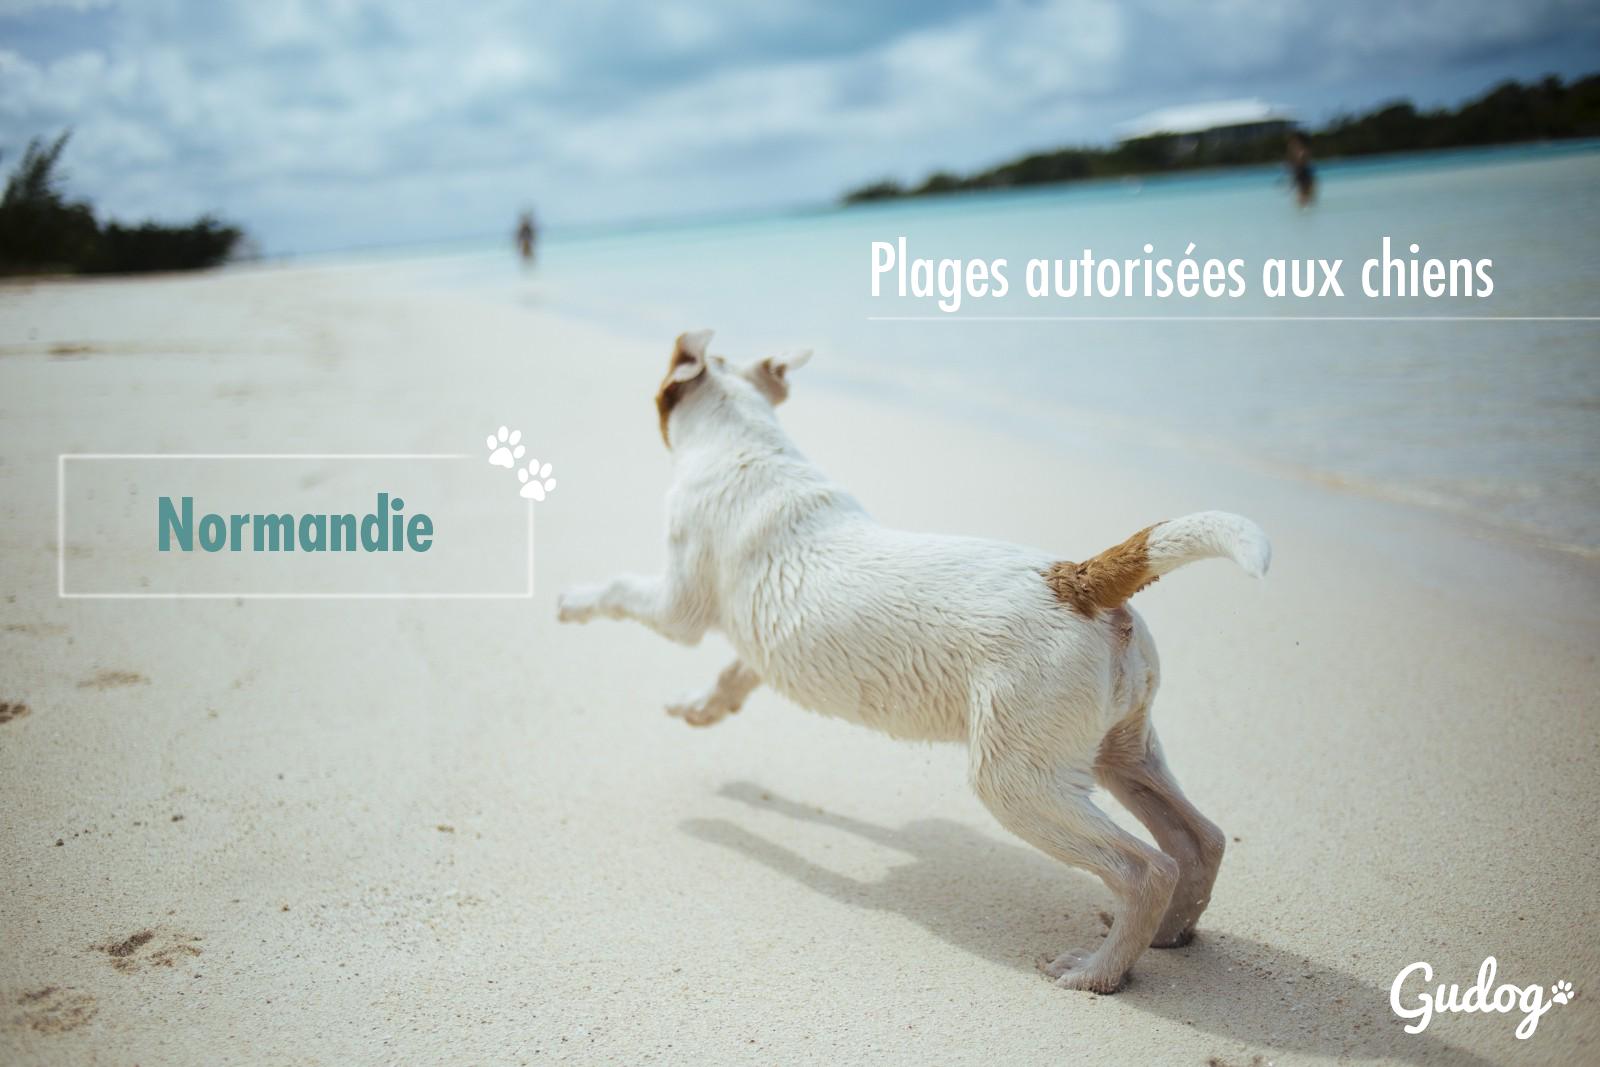 plages autorisées aux chiens normandie